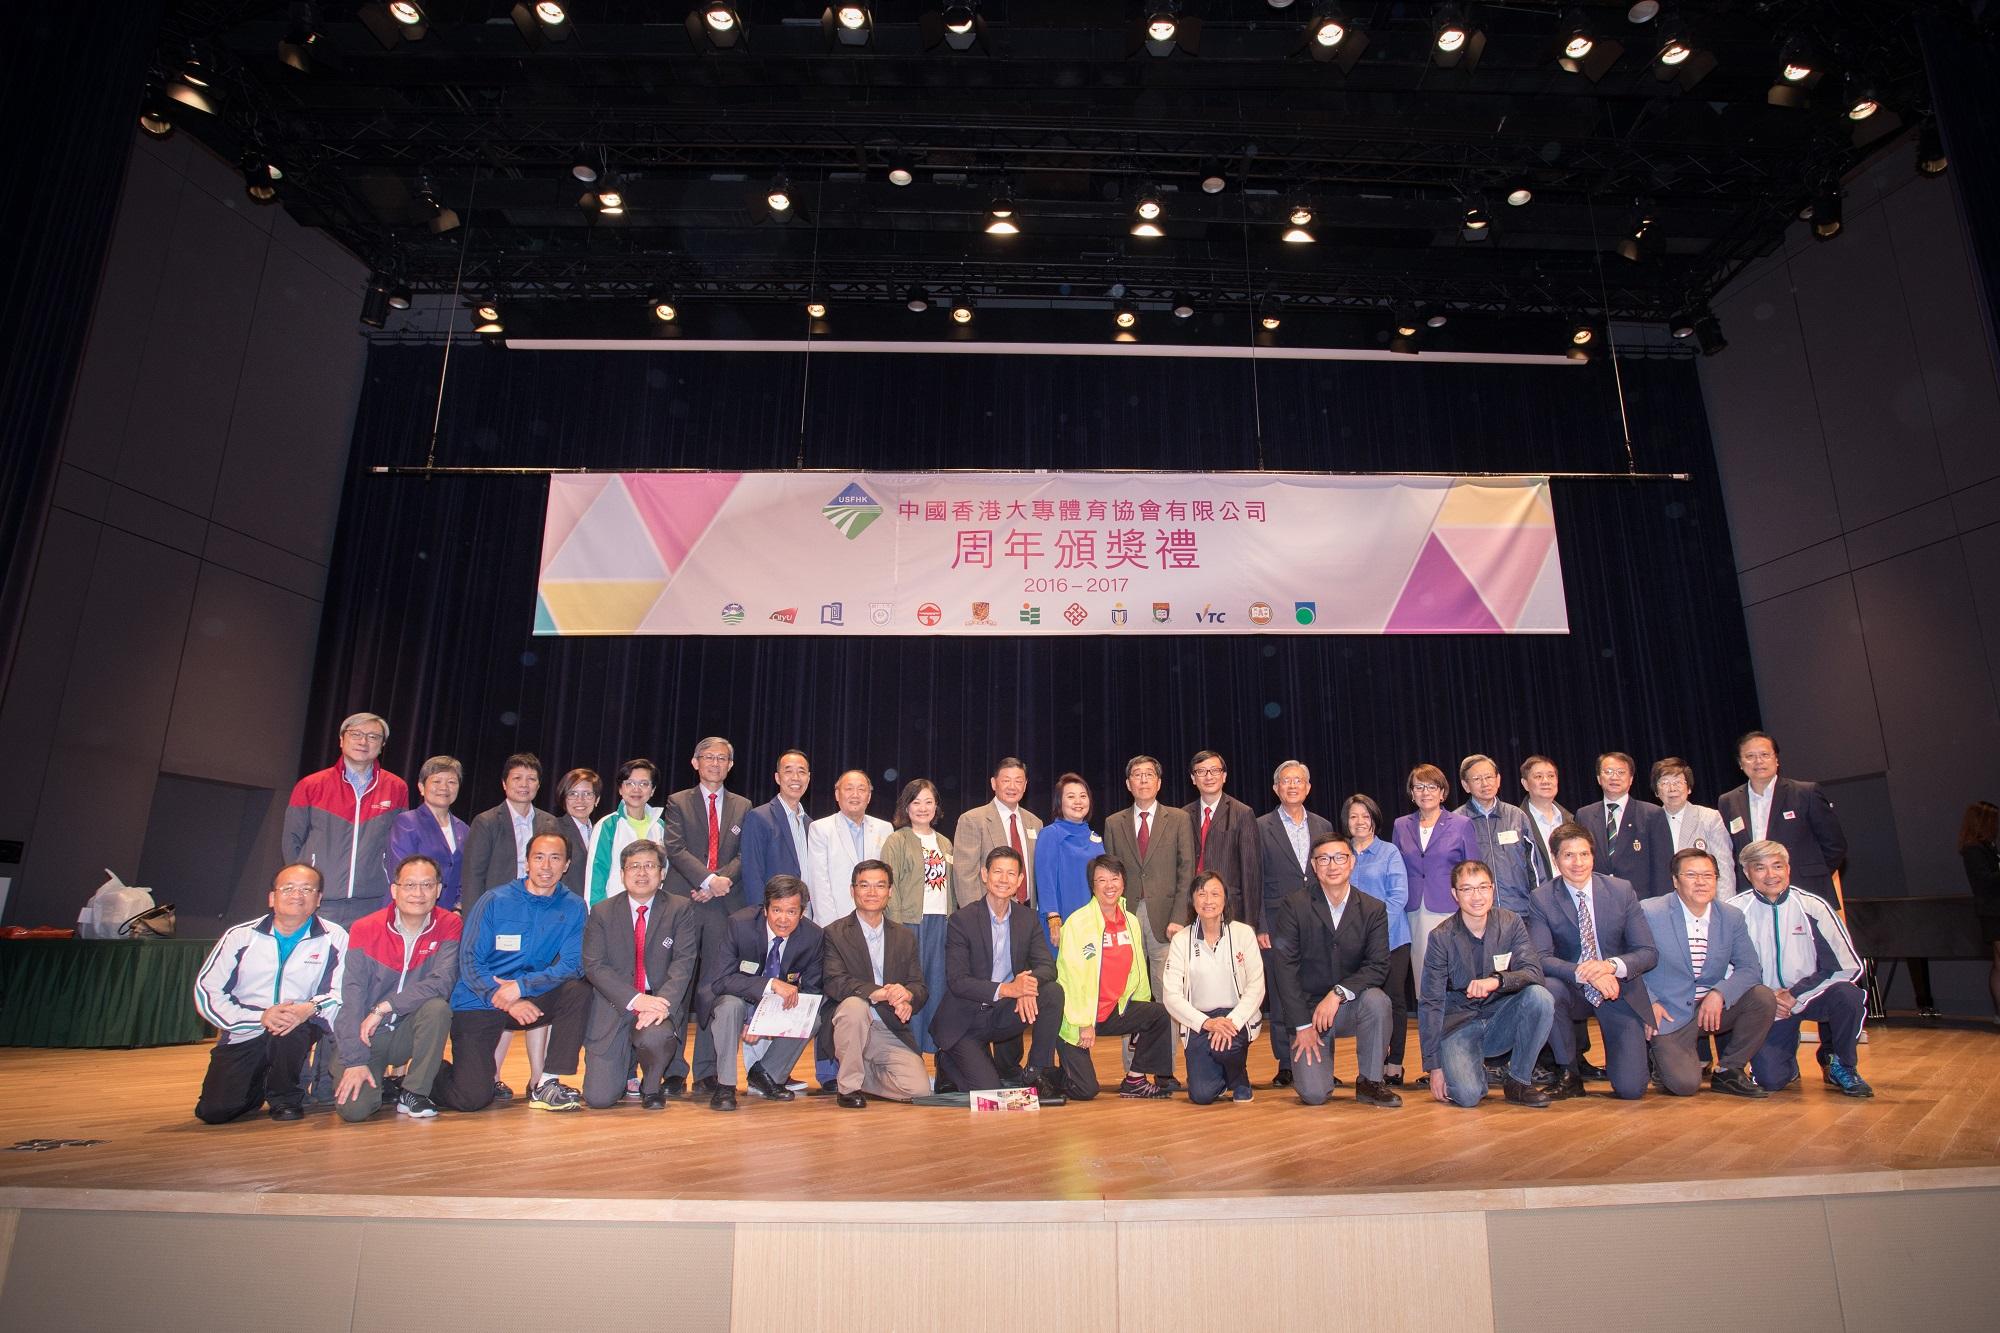 2016-17 大專周年頒獎禮